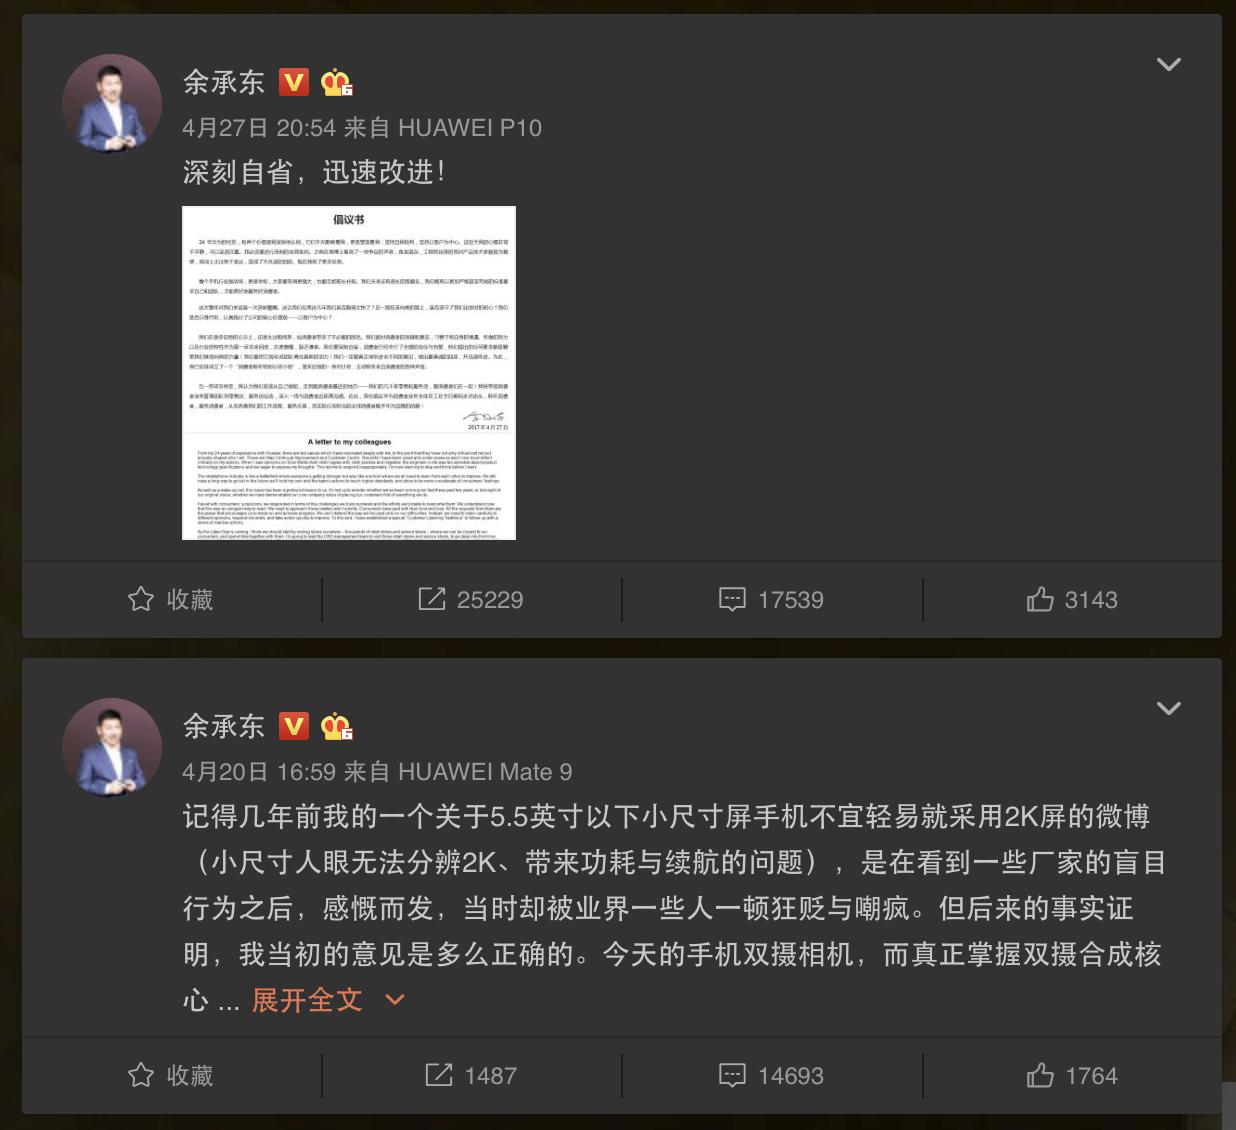 huawei P10 flash gate yuchengdong weibo